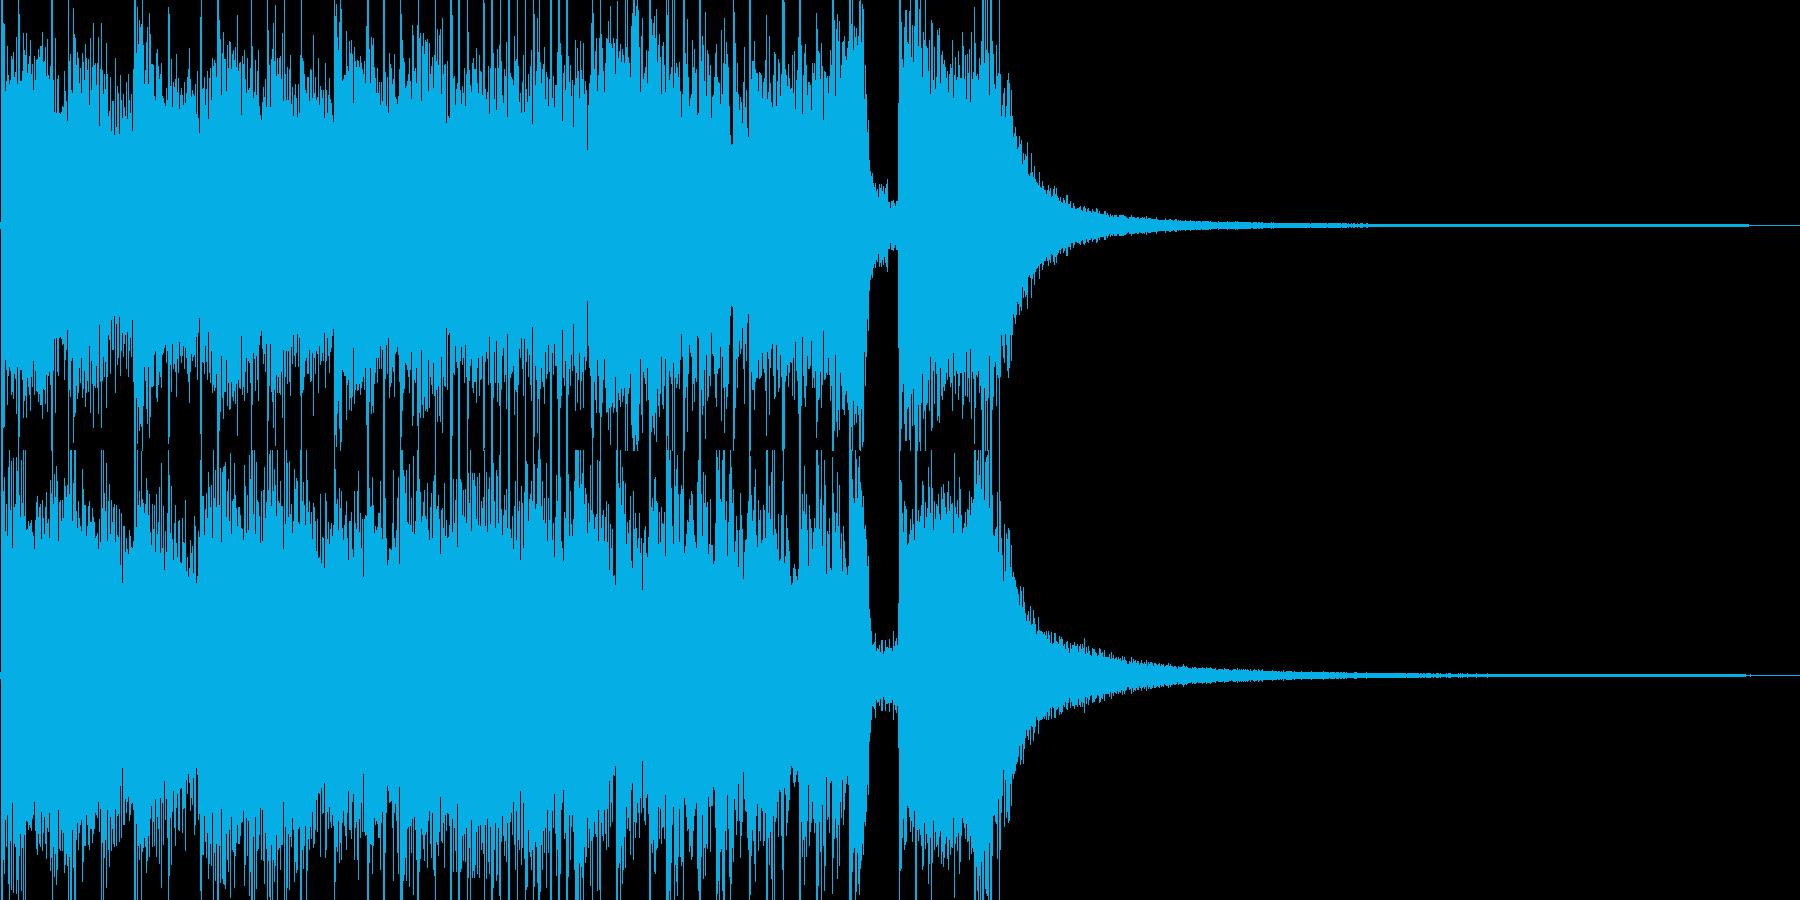 野獣のようで攻撃的なSEの再生済みの波形